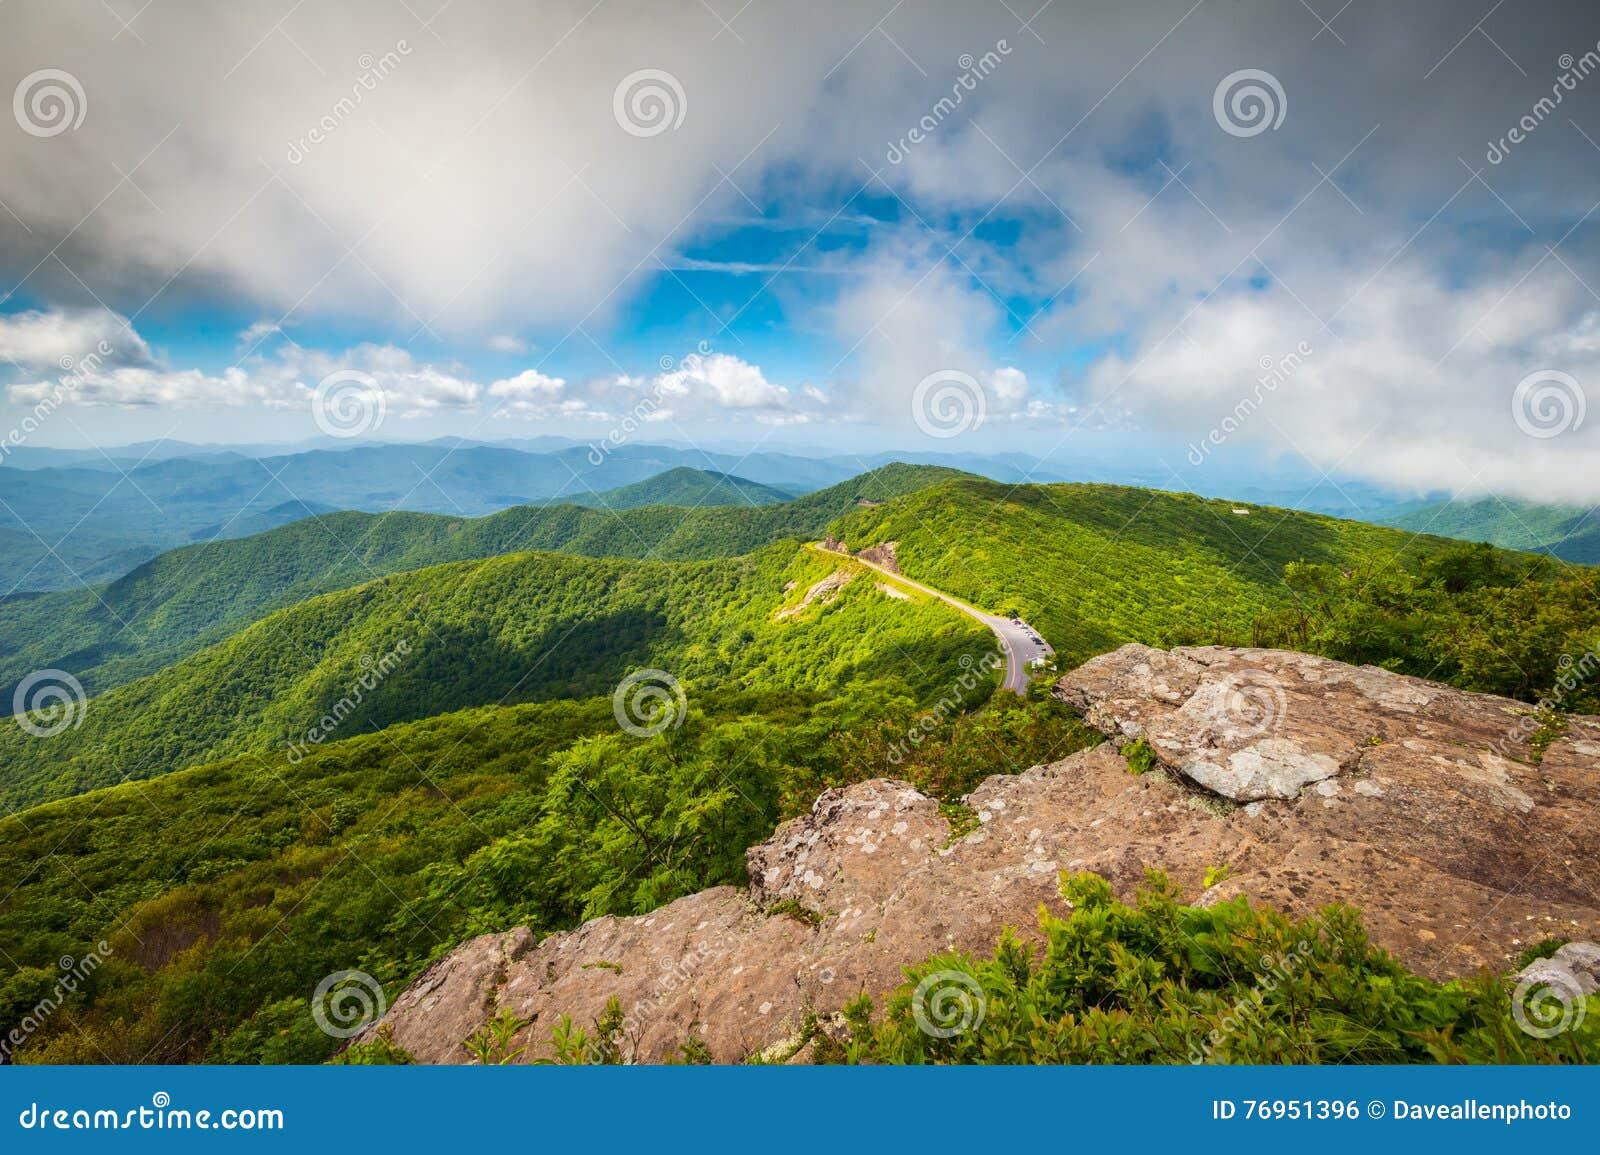 Μπλε βουνά της βόρειας Καρολίνας χώρων στάθμευσης κορυφογραμμών φυσικά υπαίθρια